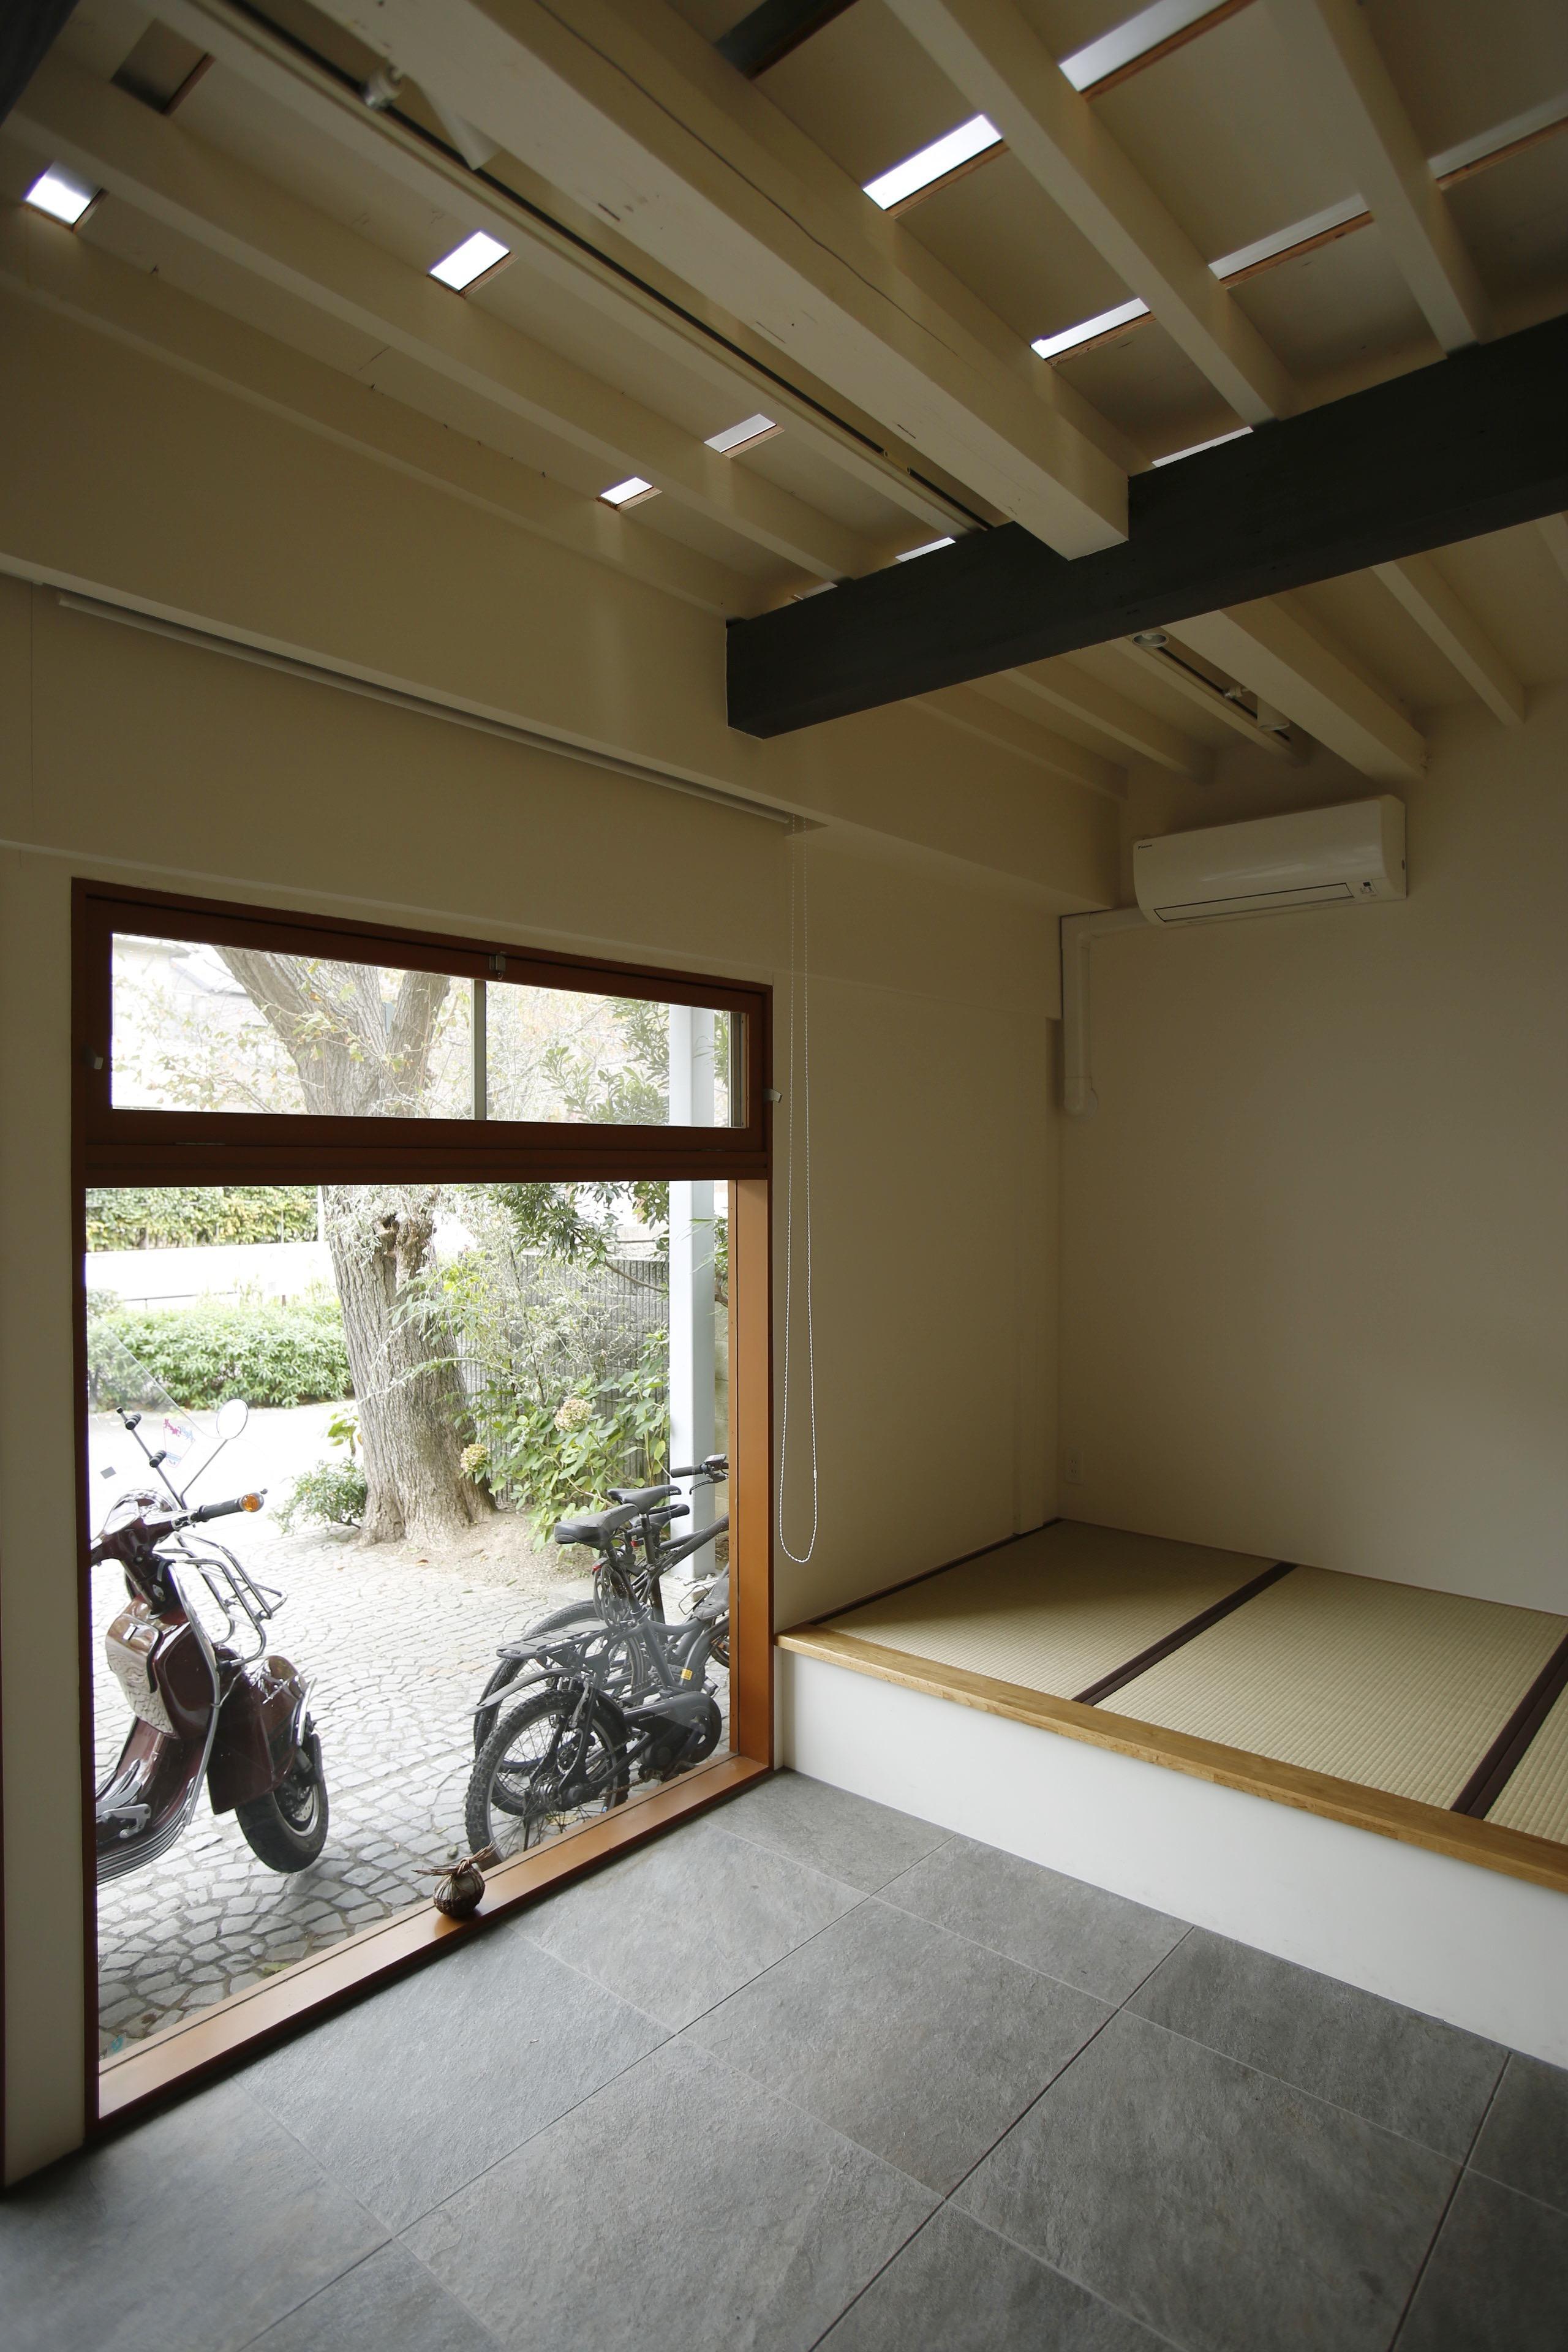 巡る家の部屋 1階の天井